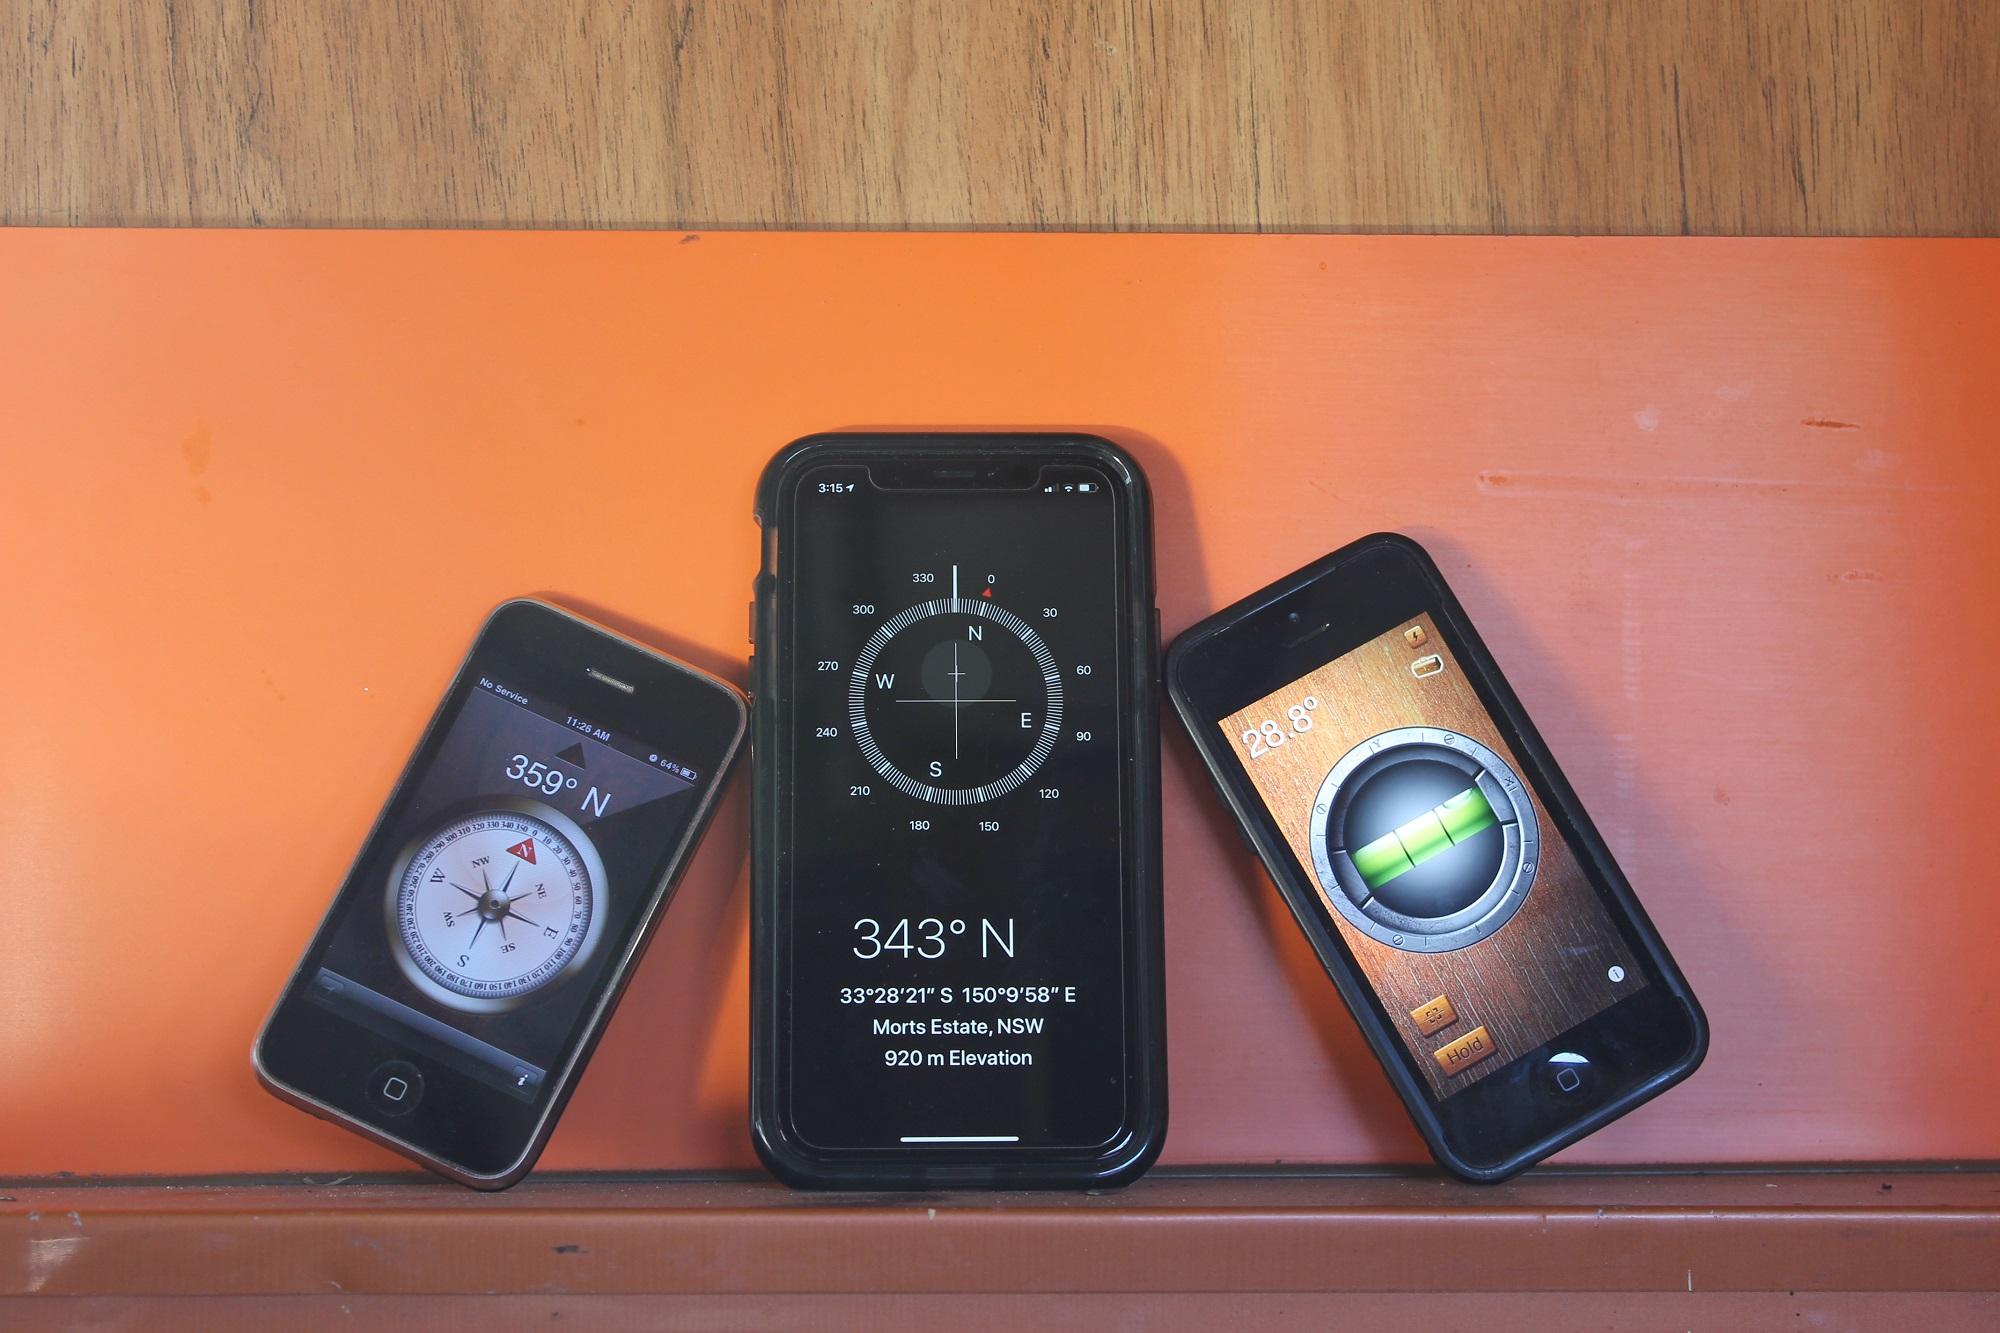 smartphones in a caravan